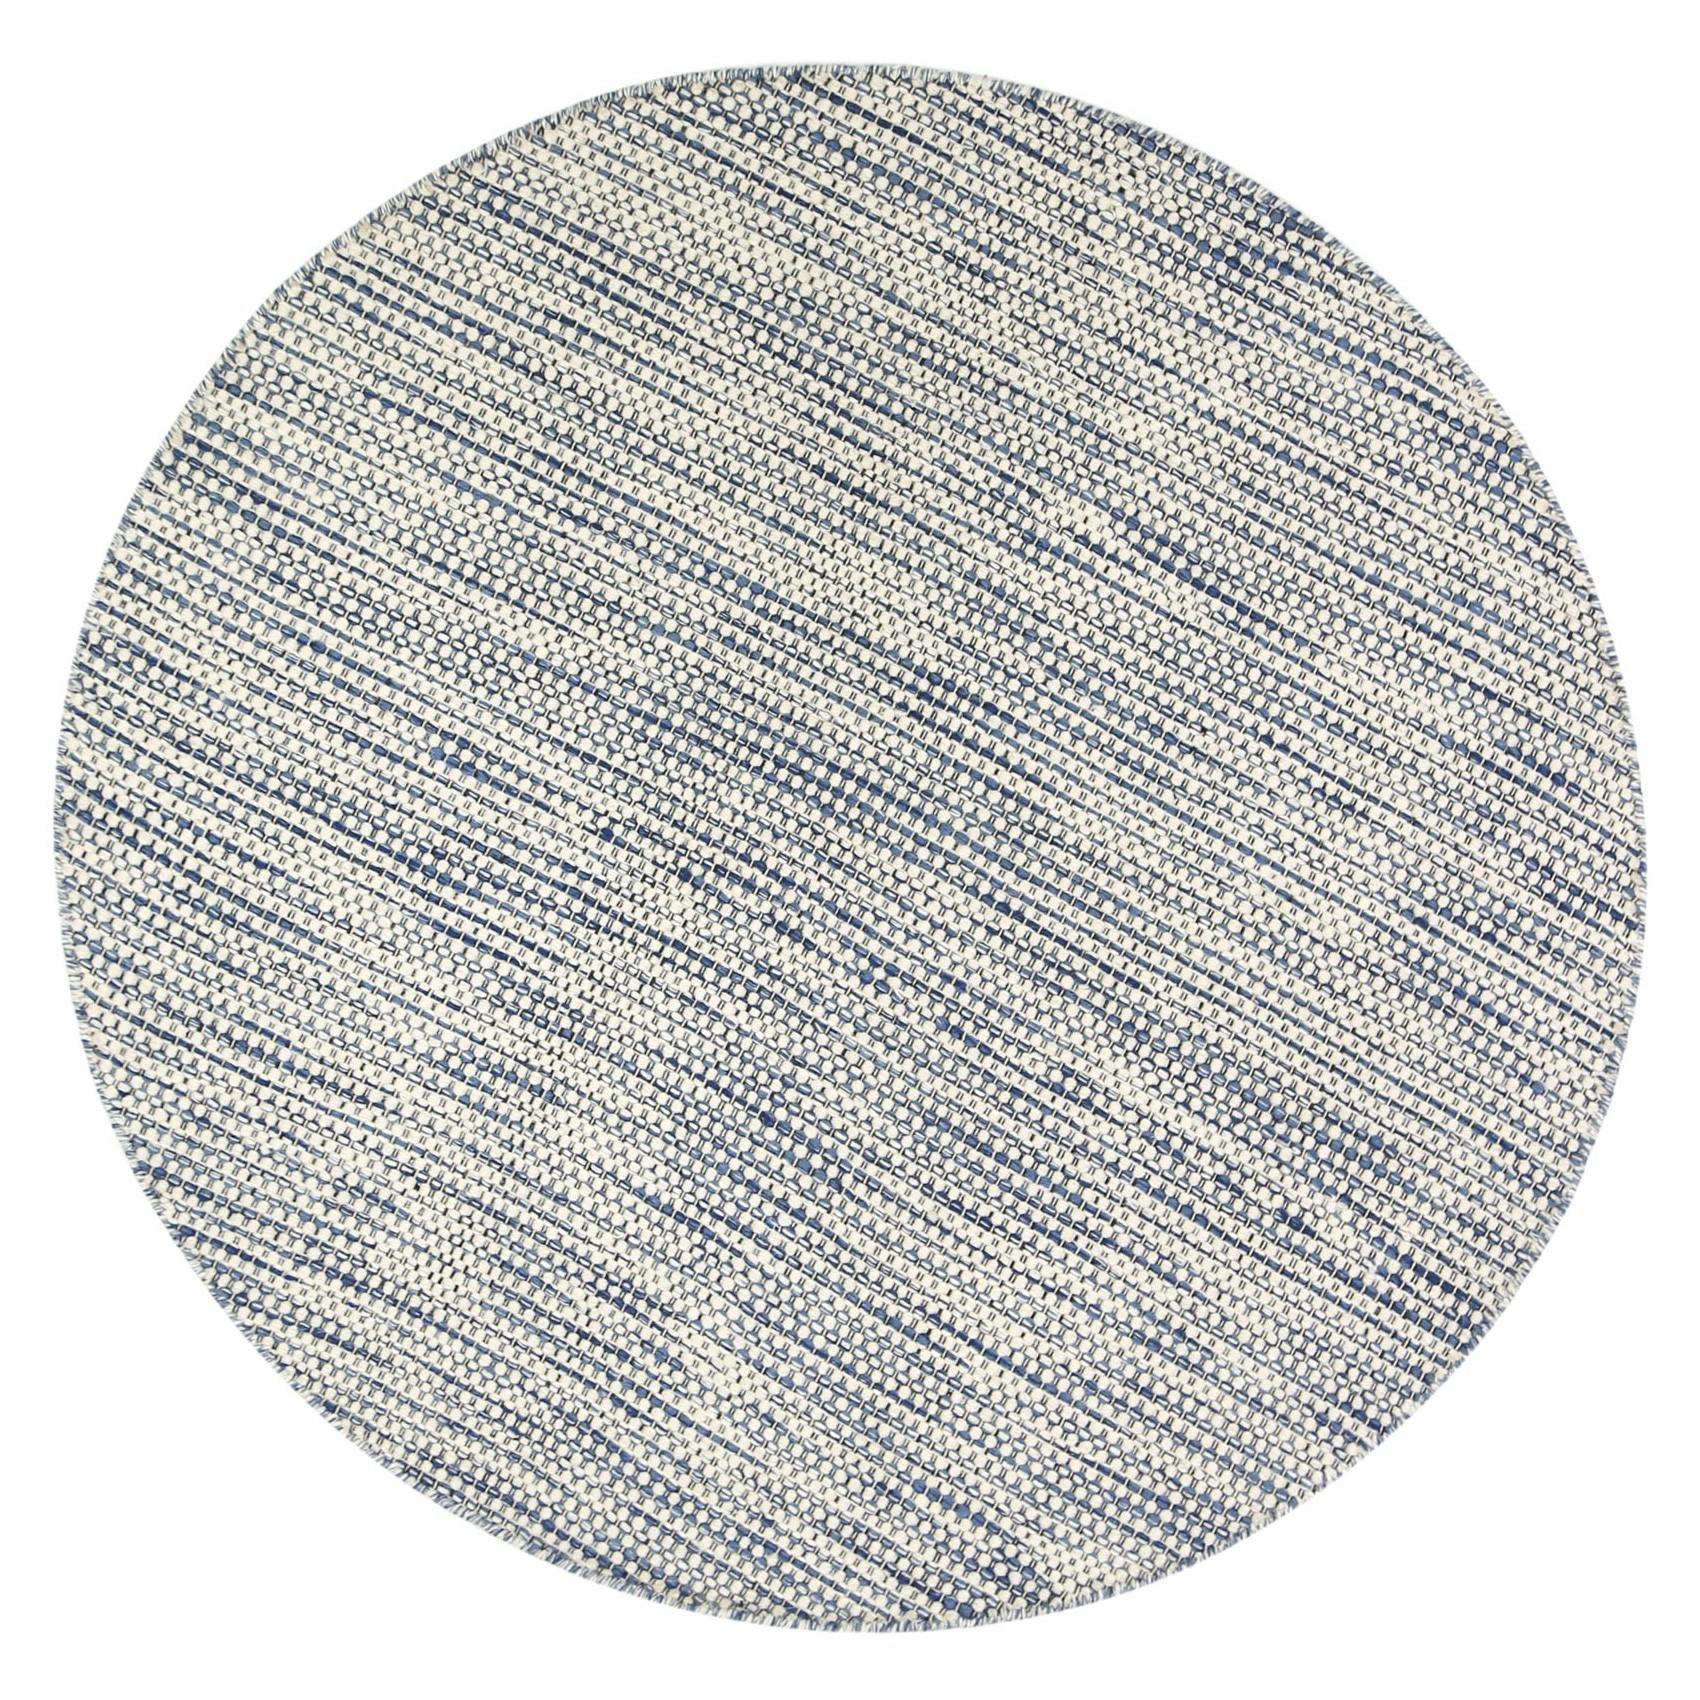 Scandi Reversible Wool Round Rug, 240cm, Blue